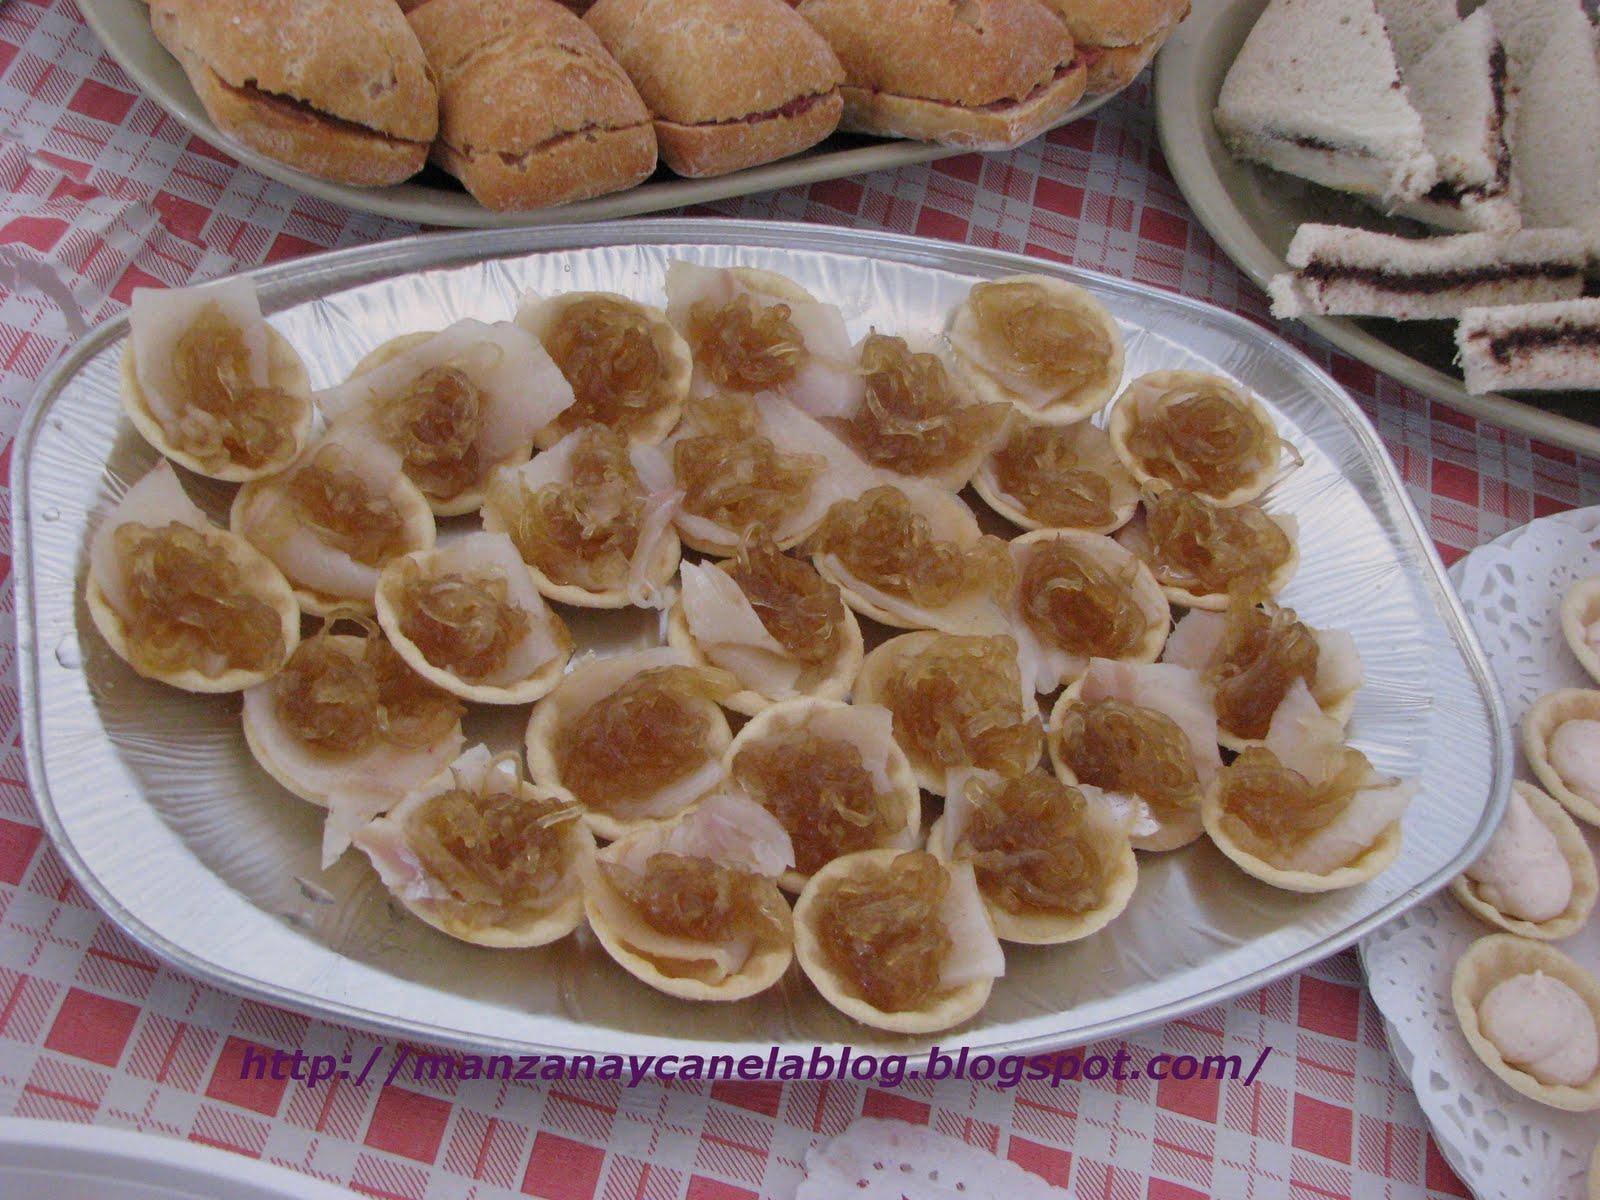 Manzana y canela canapes de mousse de salm n y bacalao for Canape de pate con cebolla caramelizada